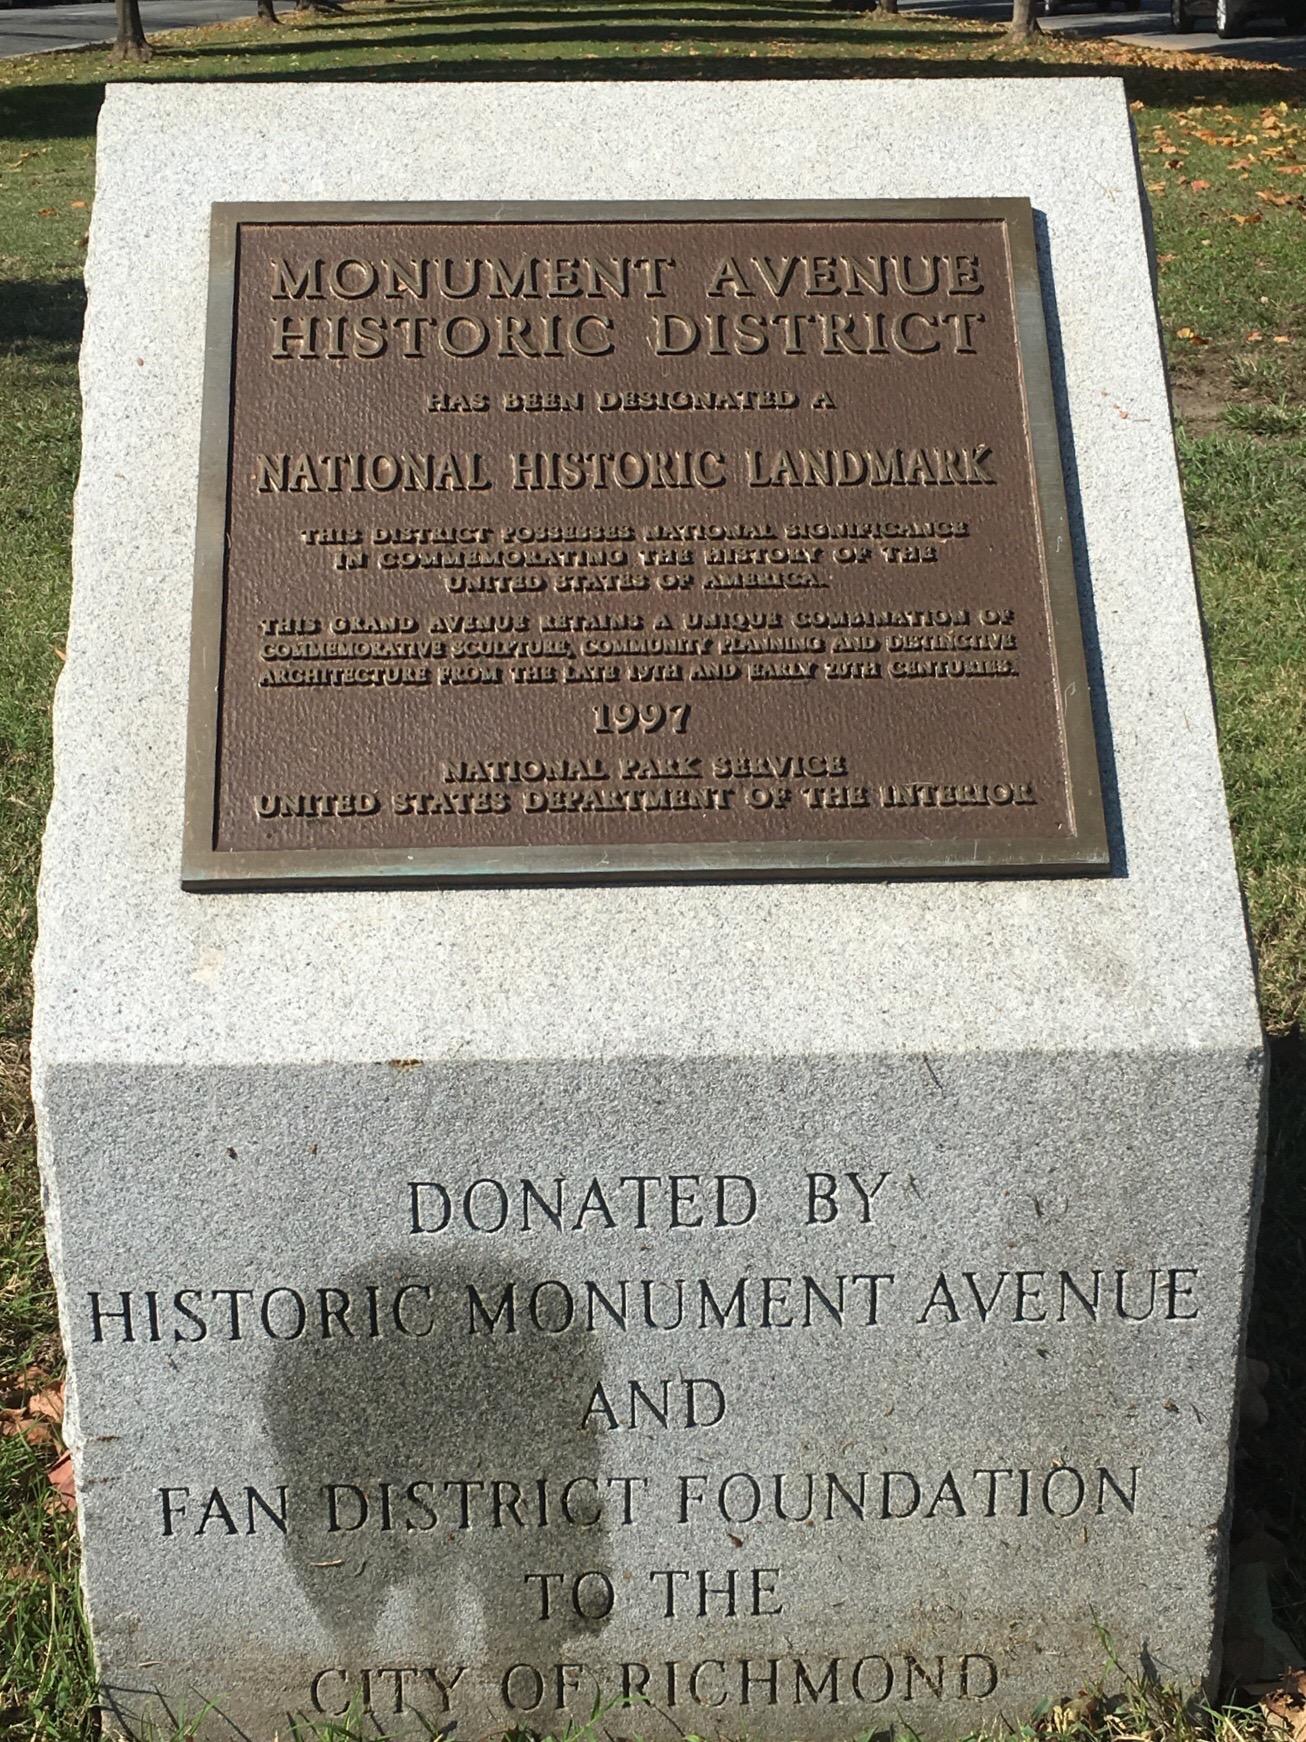 Monument Avenue Historic District Plaque